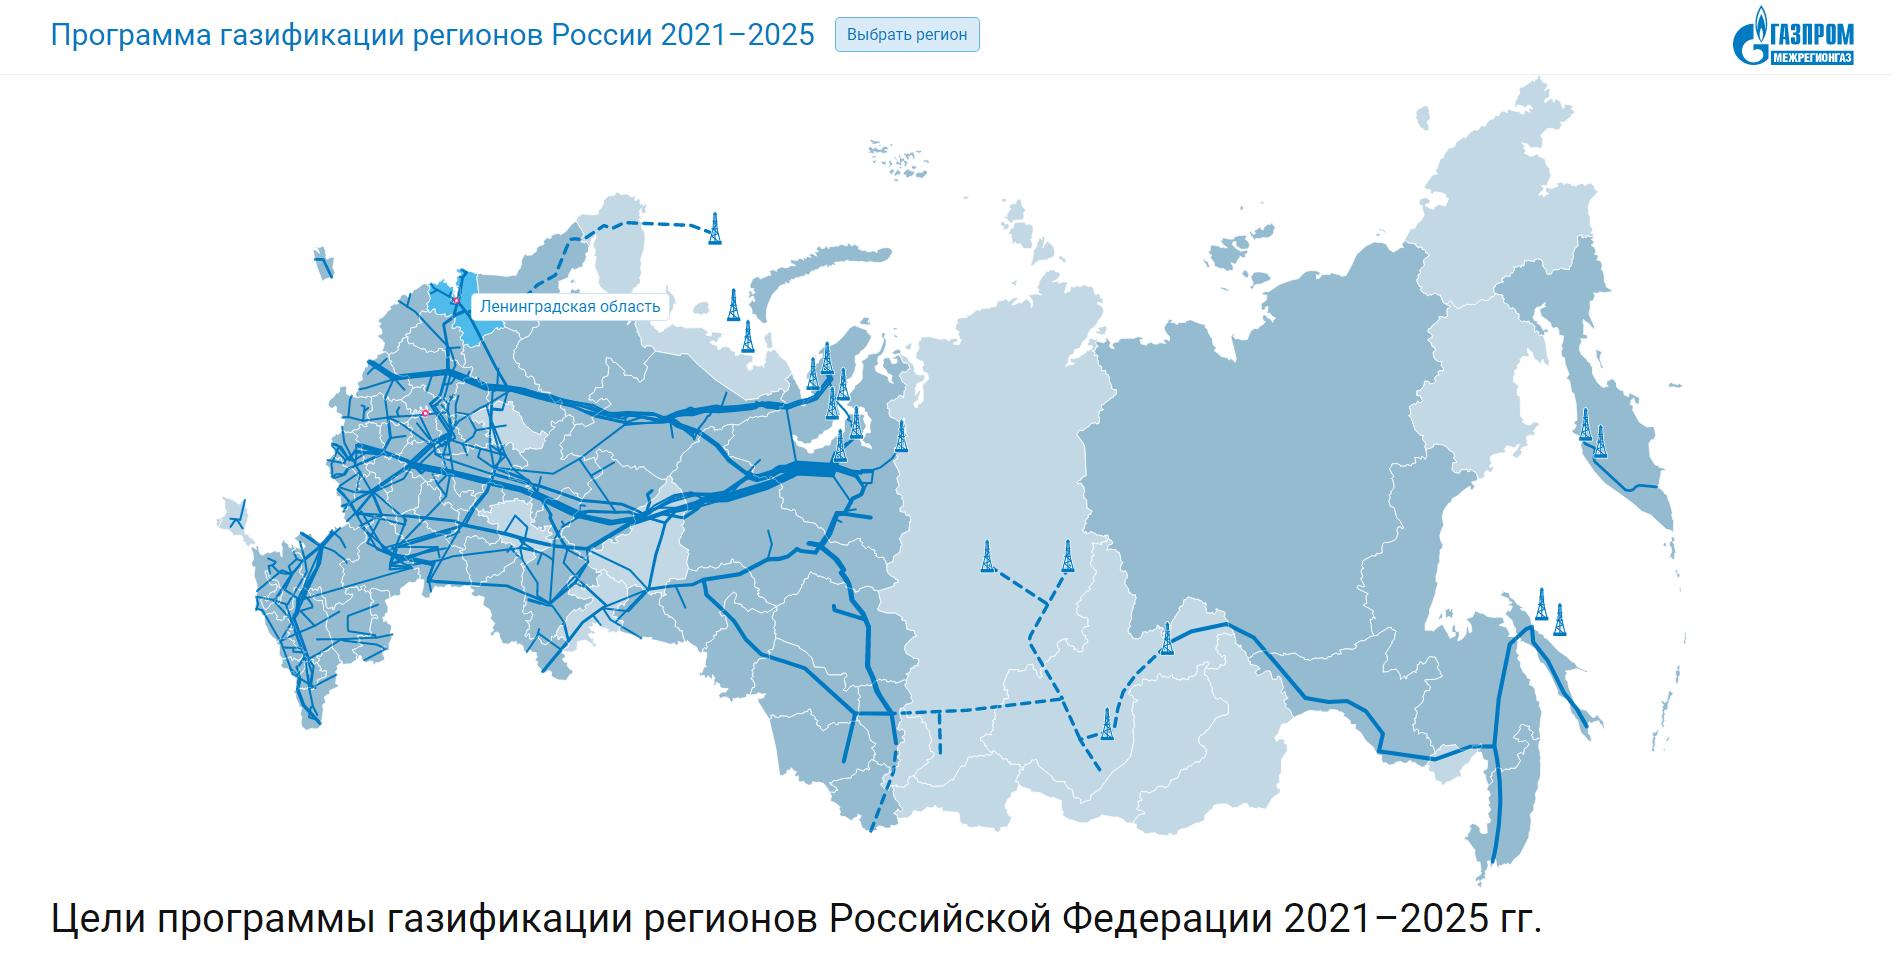 Интерактивная карта газификации регионов России – gazprommap.ru